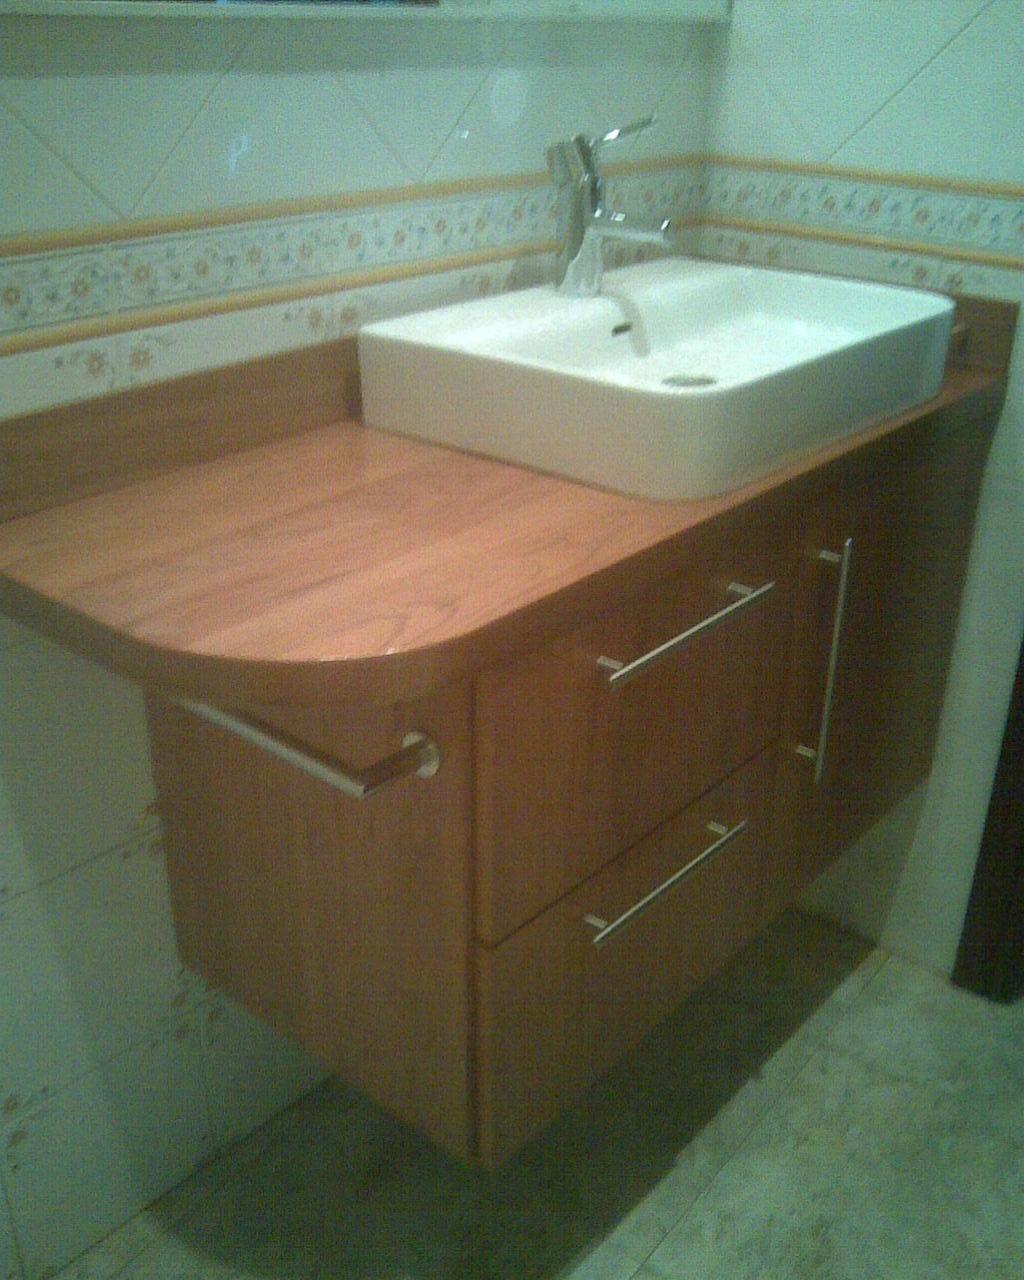 Ca uelo e hijos carpinteria s c p cocina y ba o - Puertas para muebles de bano ...